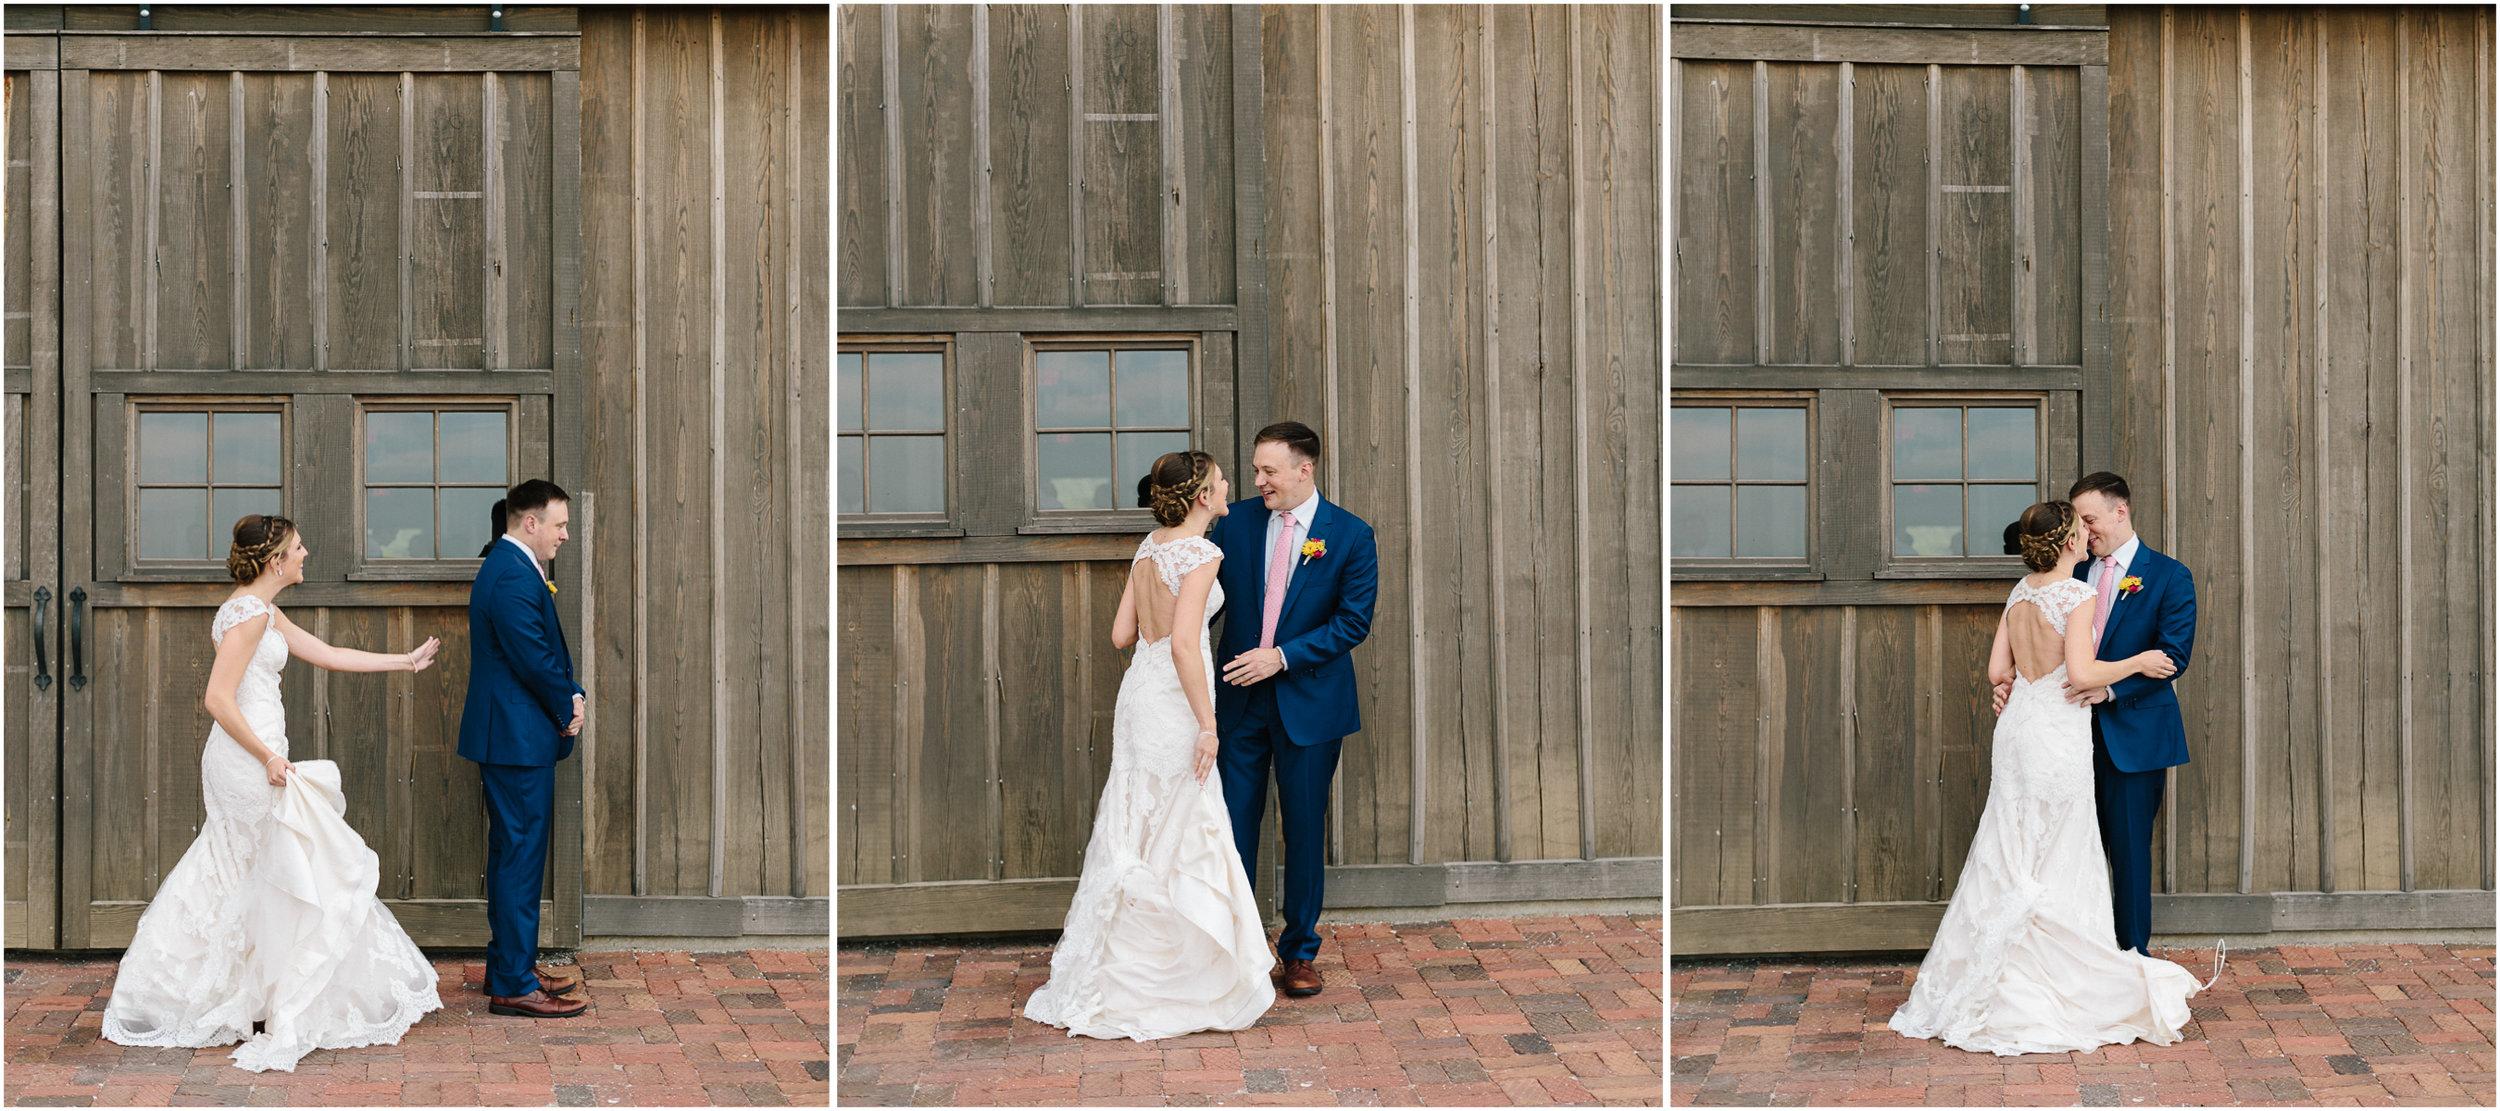 alyssa barletter photography weston missouri bright summer wedding allie and alex cole-9.jpg